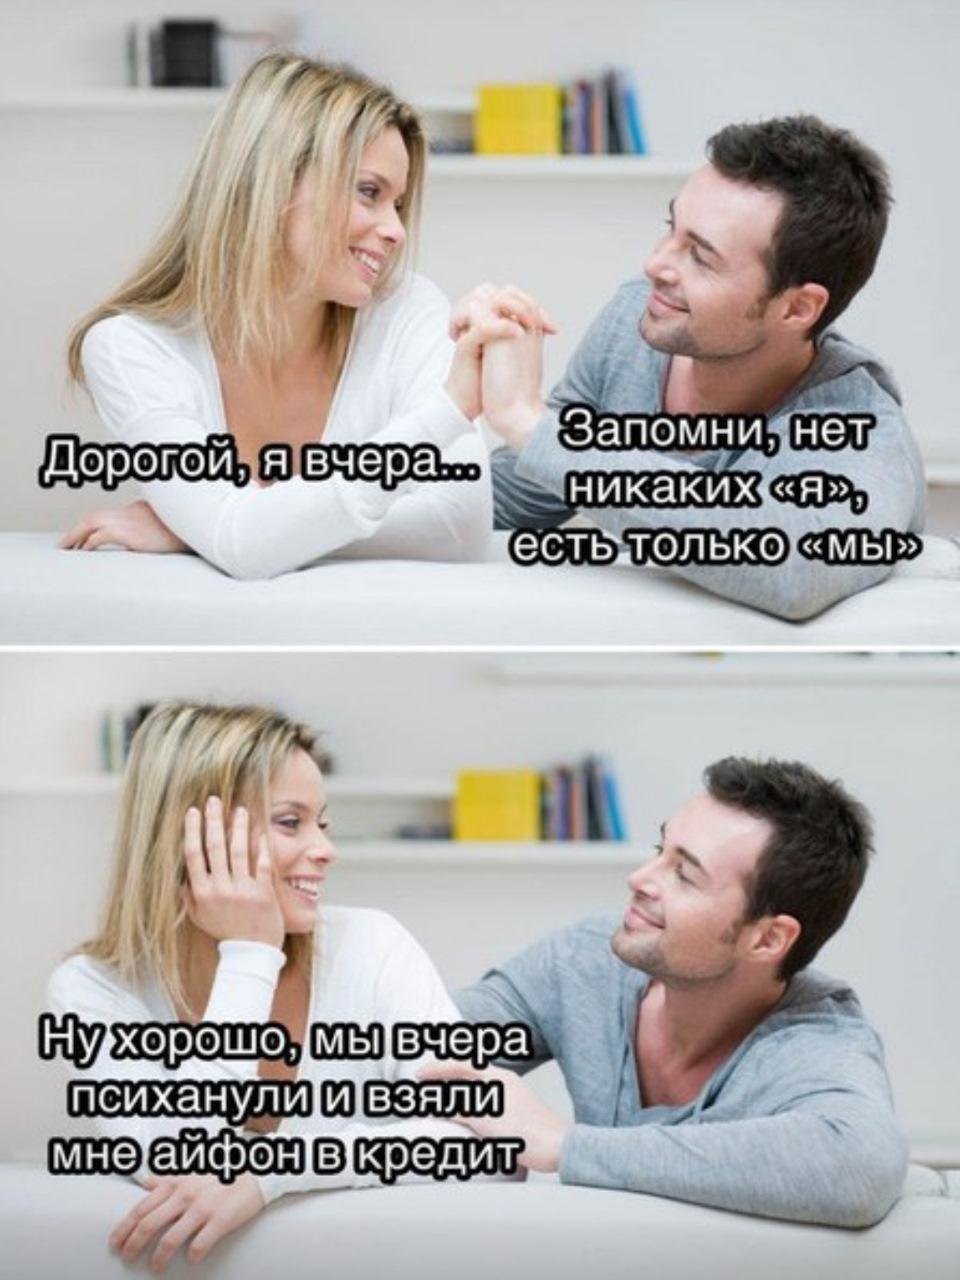 Прикольные анекдоты